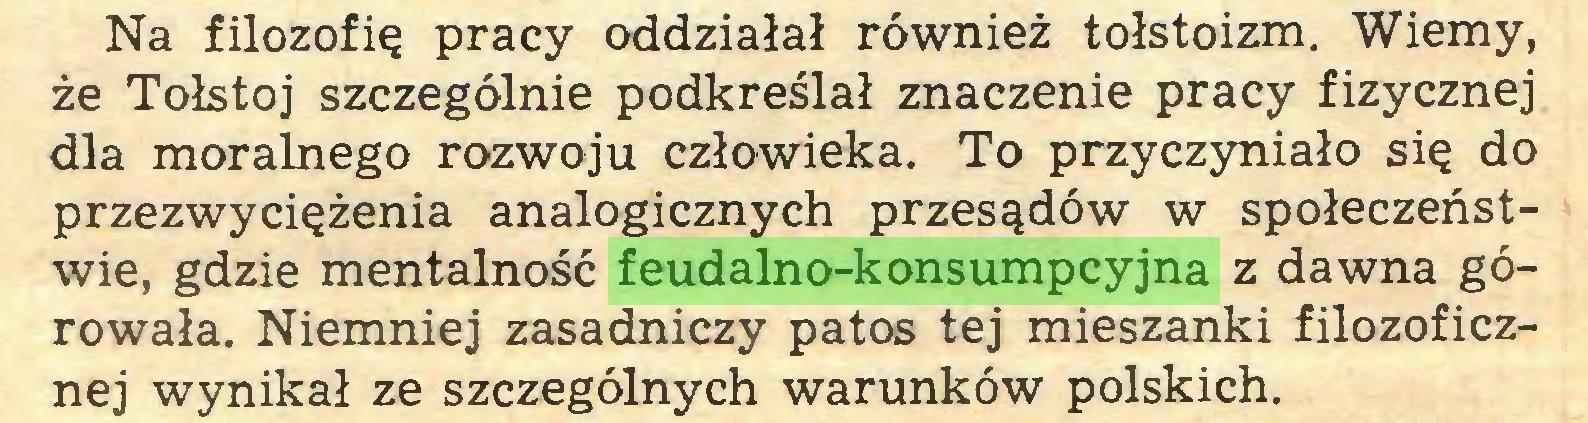 (...) Na filozofię pracy oddziałał również tołstoizm. Wiemy, że Tołstoj szczególnie podkreślał znaczenie pracy fizycznej dla moralnego rozwoju człowieka. To przyczyniało się do przezwyciężenia analogicznych przesądów w społeczeństwie, gdzie mentalność feudalno-konsumpcyjna z dawna górowała. Niemniej zasadniczy patos tej mieszanki filozoficznej wynikał ze szczególnych warunków polskich...